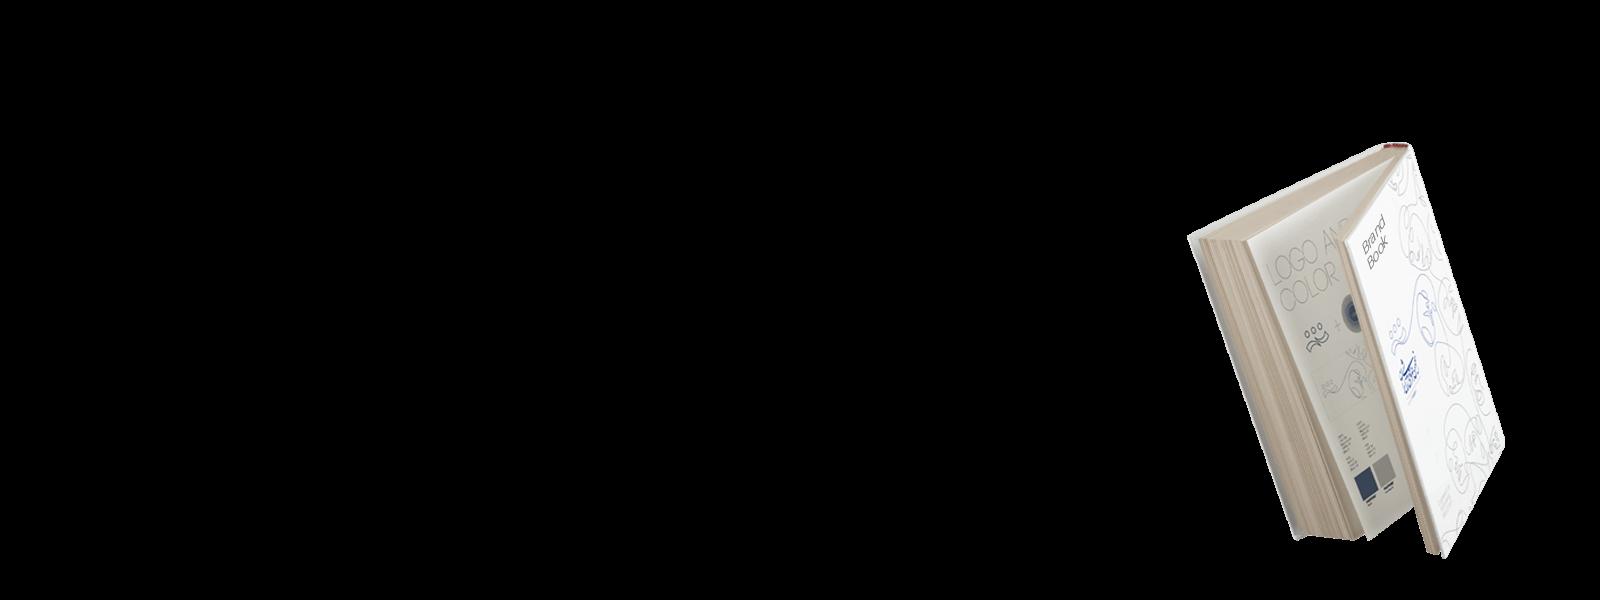 لایه دوم اسلاید انجمن هنرهای نمایشی ایران، هویت بصری انجمن هنرهای نمایشی ایران، طراحی لوگو، طراحی لوگوتایپ، شرکت تبلیغاتی الف، طراحی هویت بصری